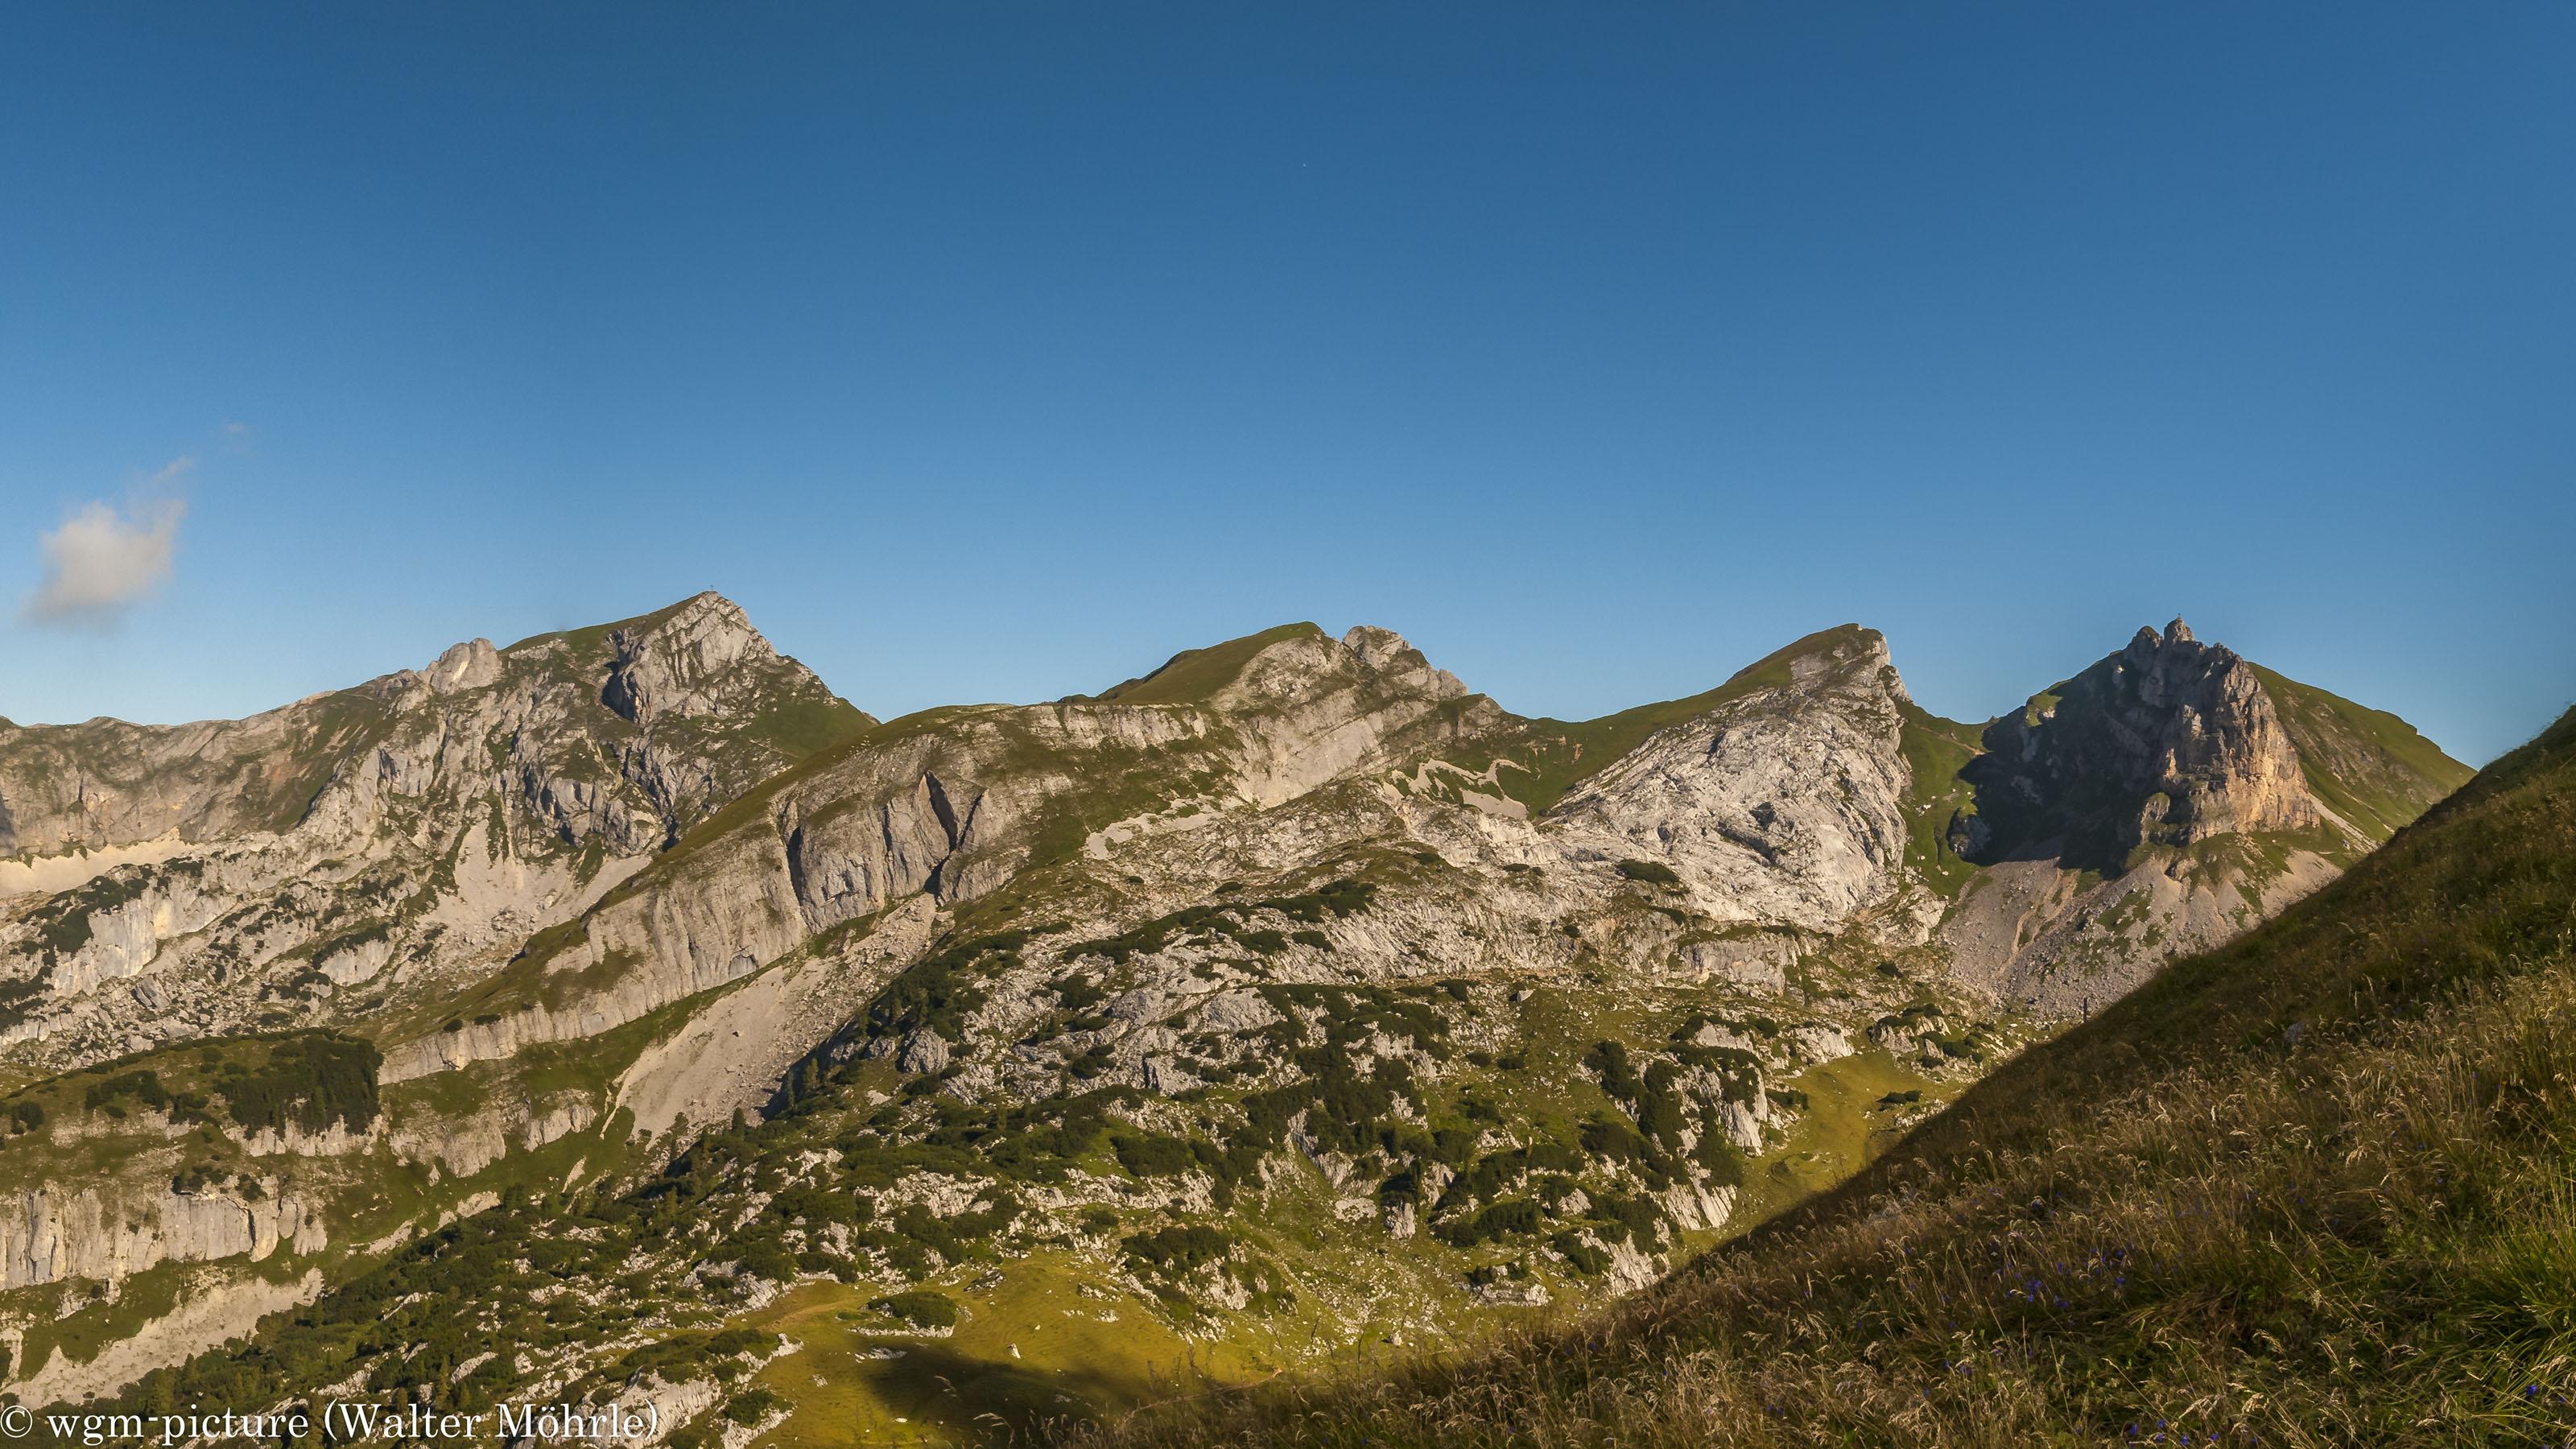 Klettersteig Achensee : Panorama achensee gipfel klettersteig wgm picture